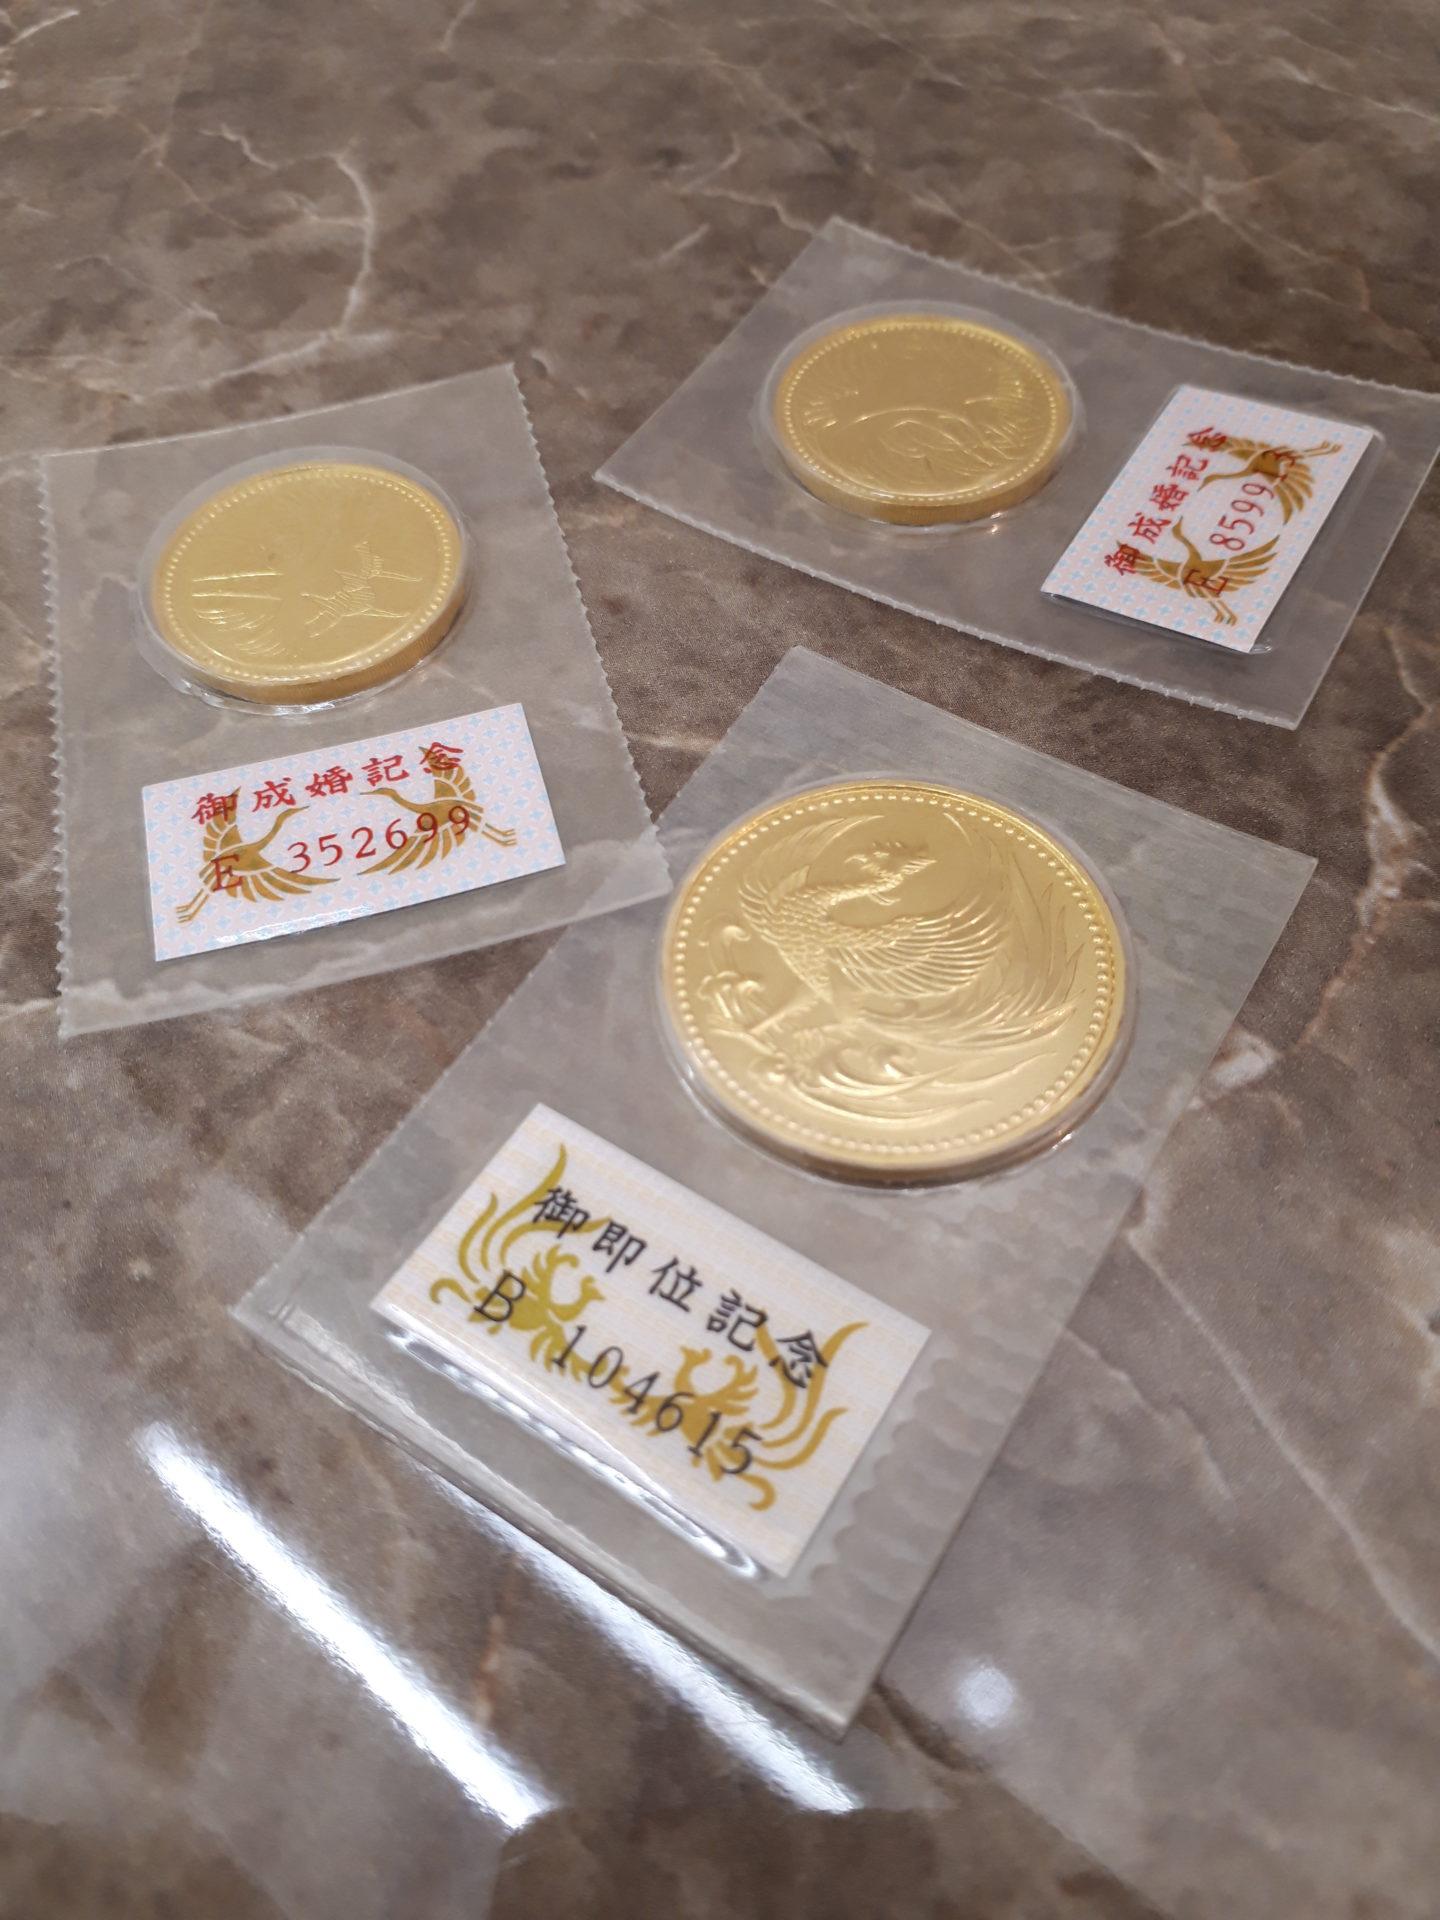 【記念金貨 硬貨】を盛岡市のお客様よりお買取させていただきました!